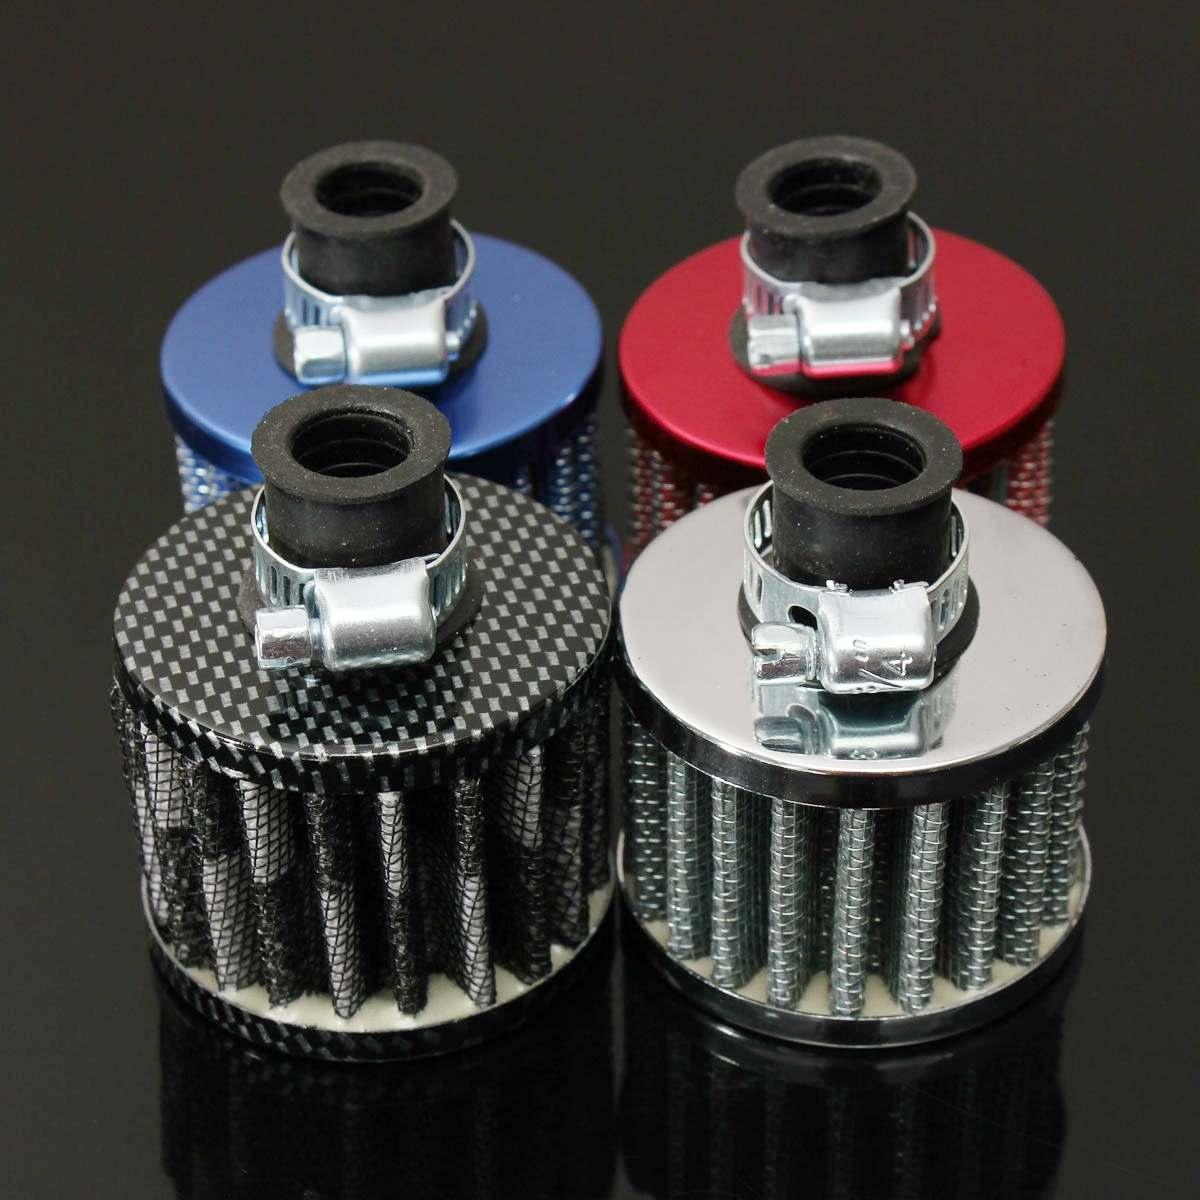 Universale 12 millimetri di Alta Qualità del Motore Durevole Olio Aria Fredda di Aspirazione Filtro Kit Crank Caso Coperchio di Sfiato Sfiato